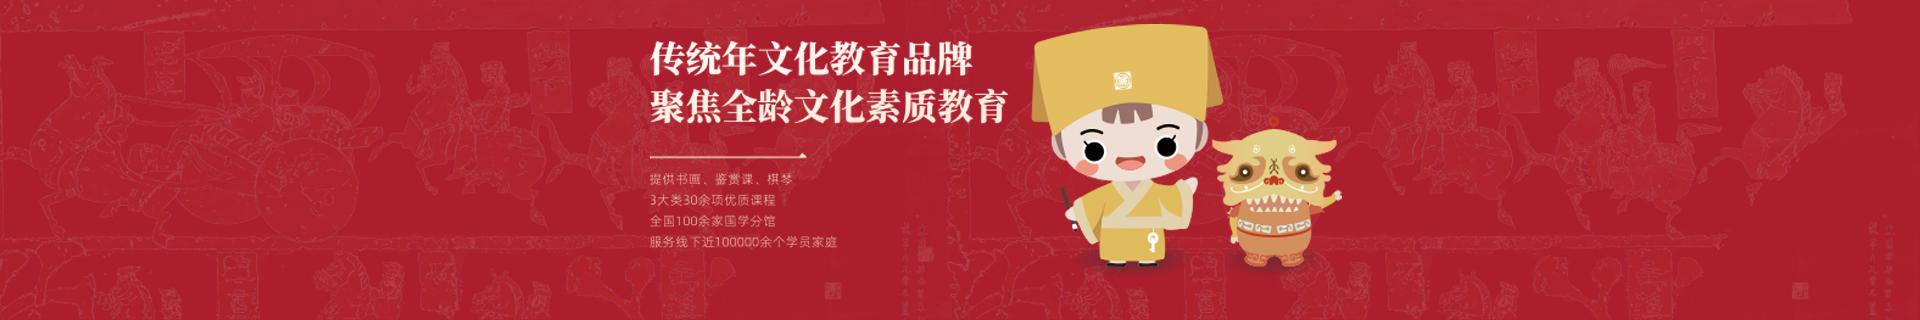 深圳南山区蛇口秦汉胡同国学